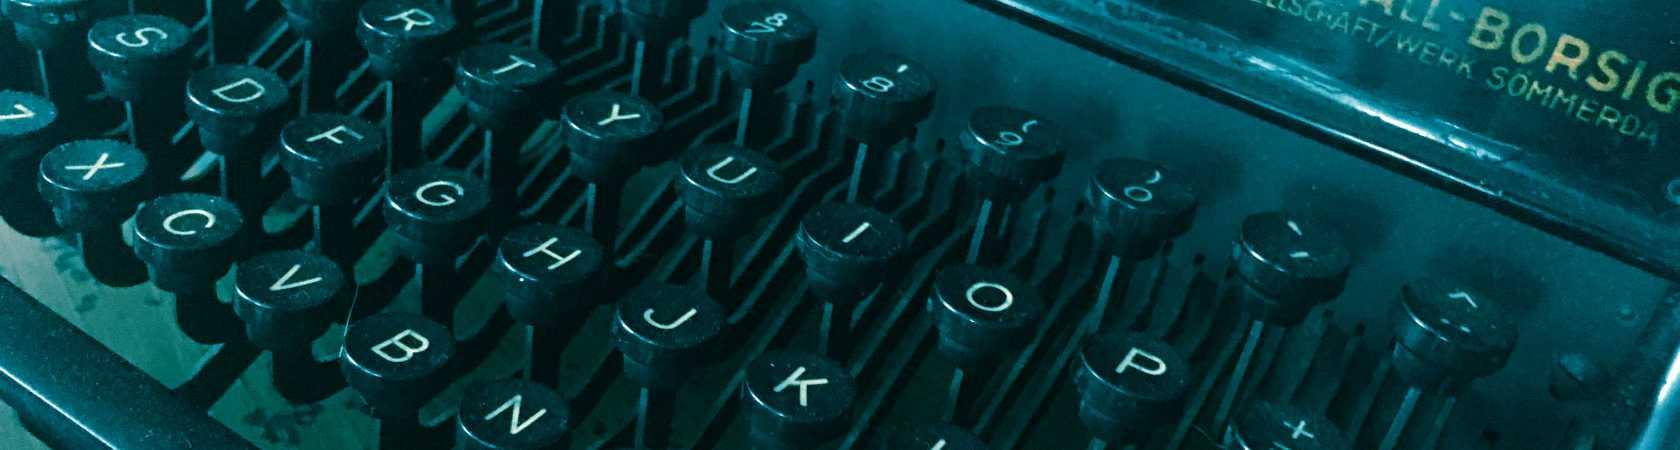 Code met de hand geschreven